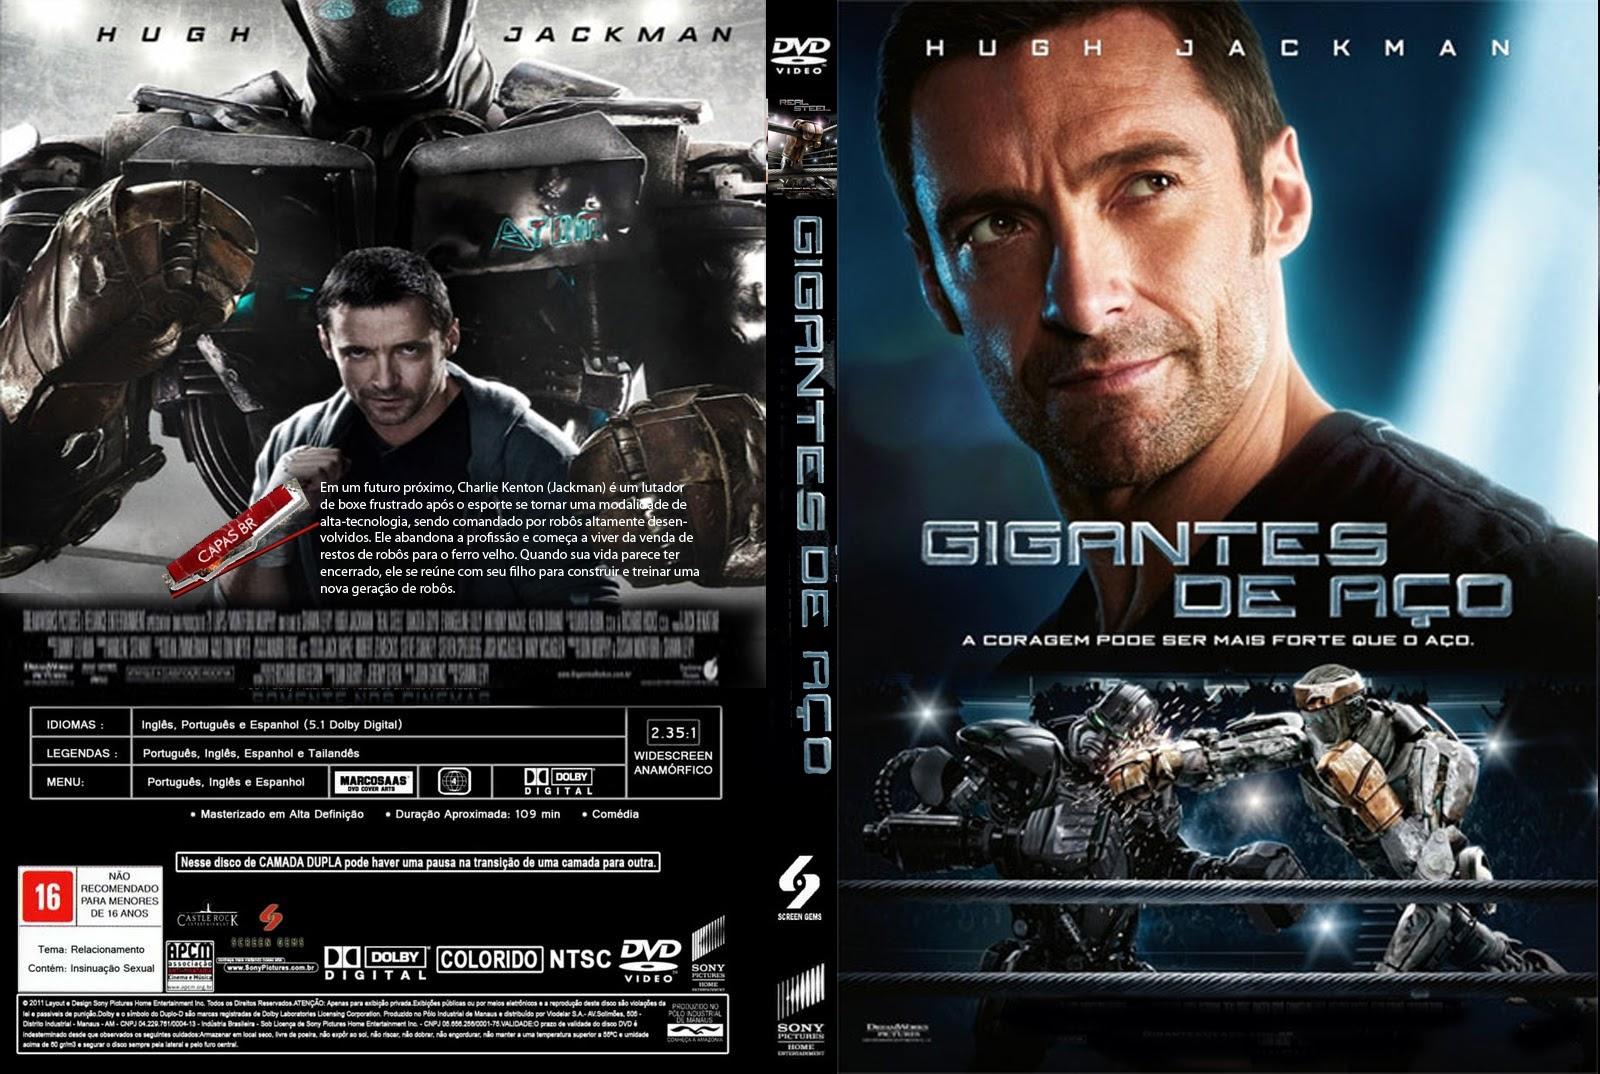 Download Gigantes de Aço BDRip XviD Dual Áudio GIGANTES DE A 25C3 2587O